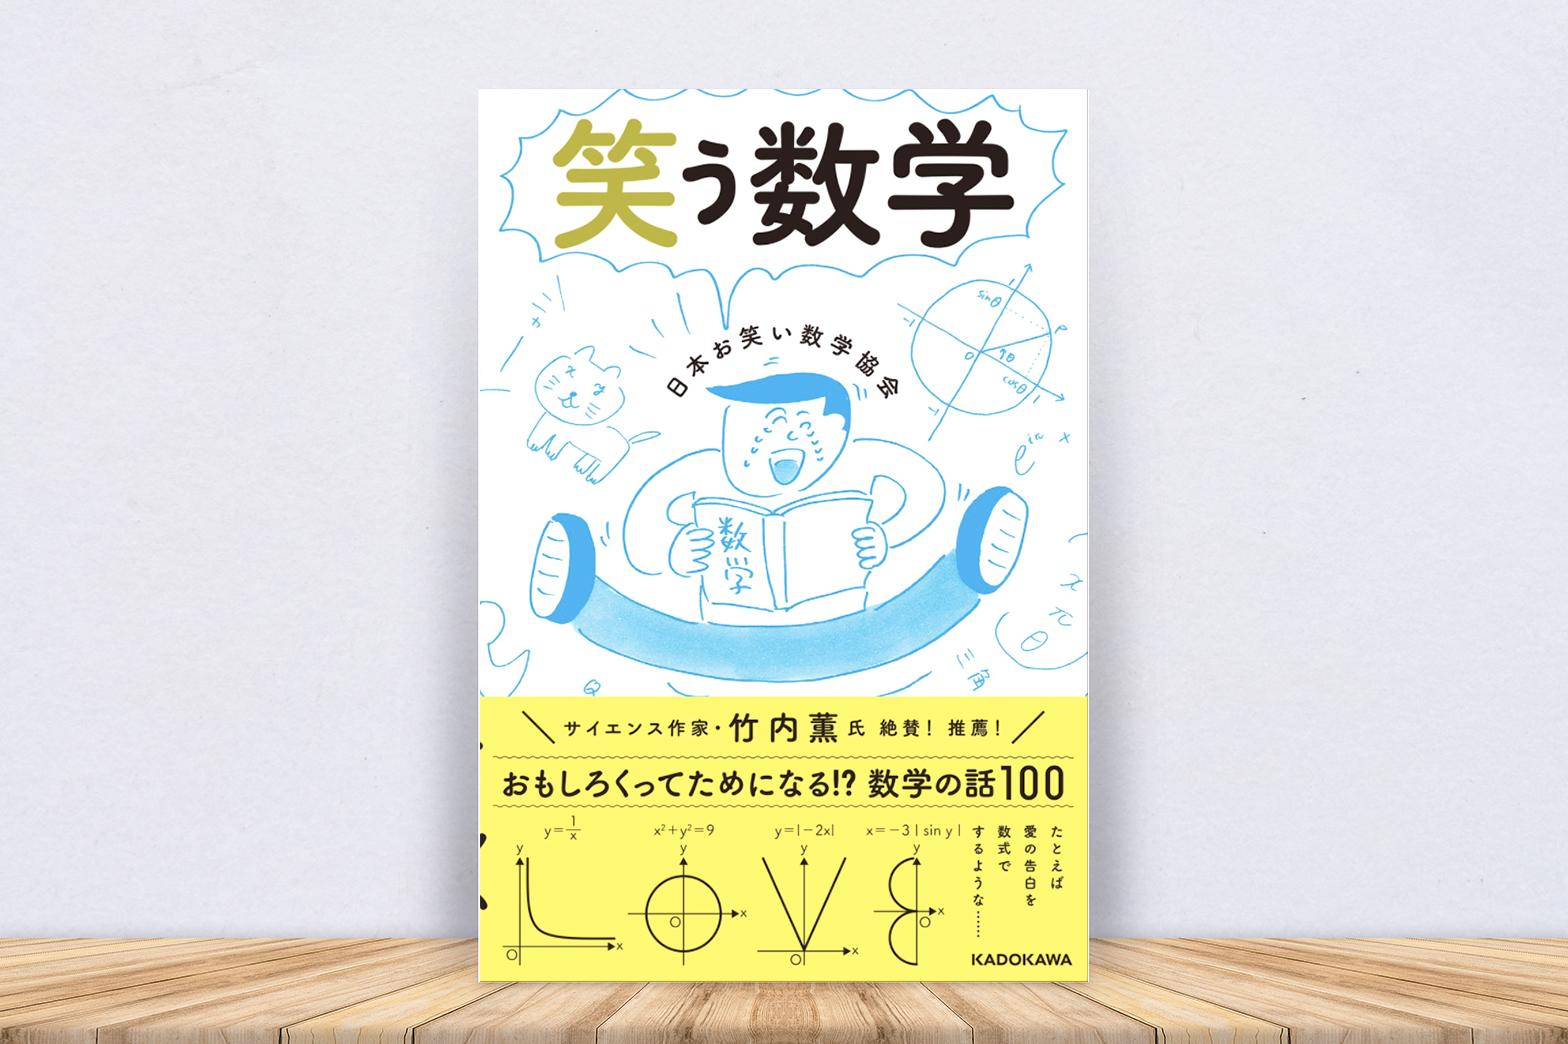 『笑う数学』 / KADOKAWA